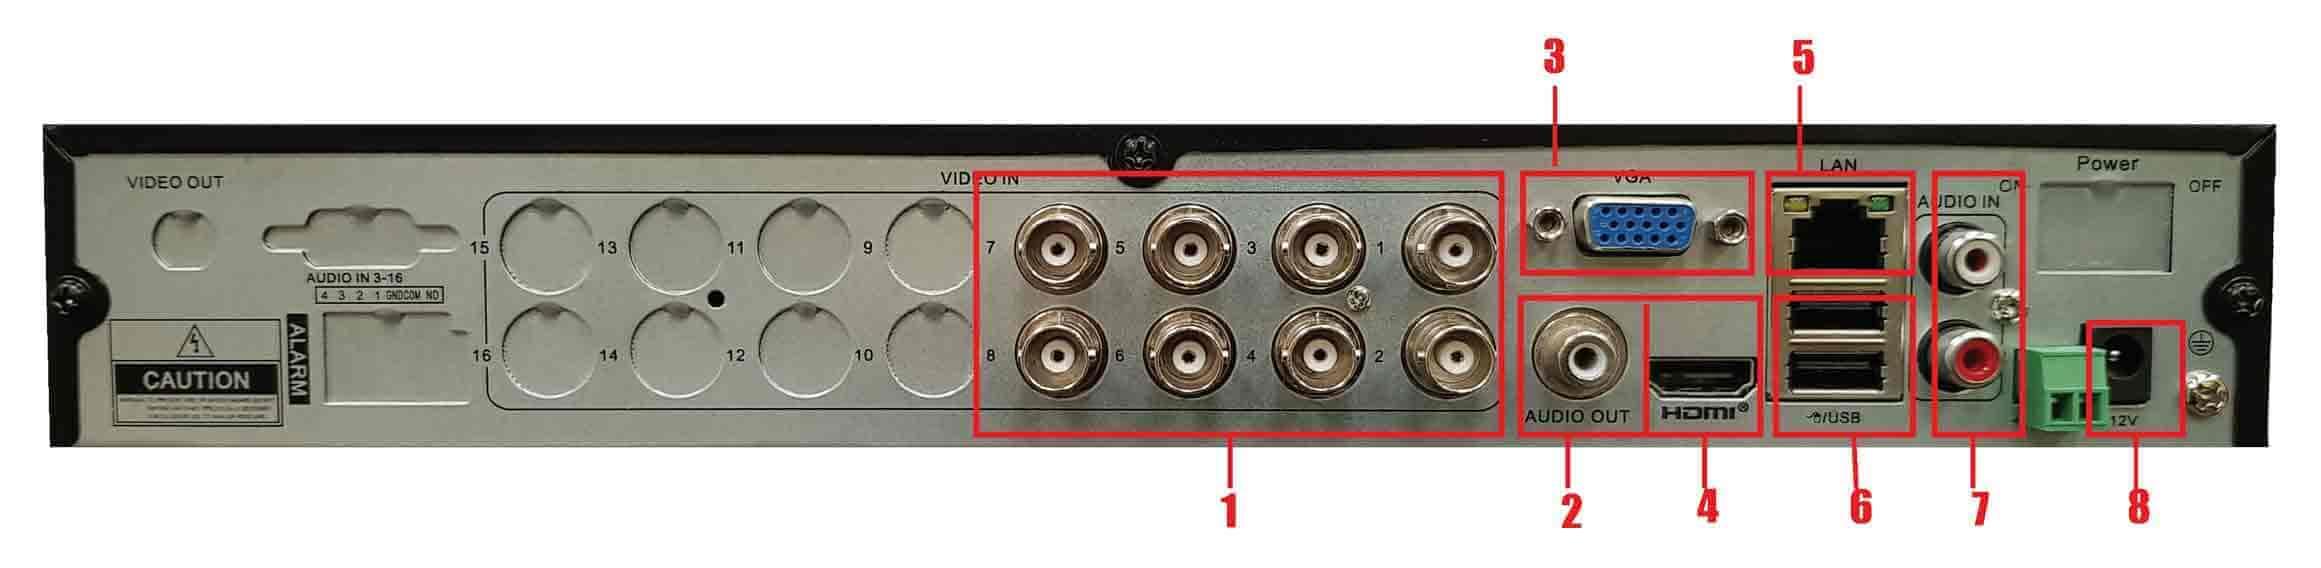 Интерфейс задней панели гибридного регистратора